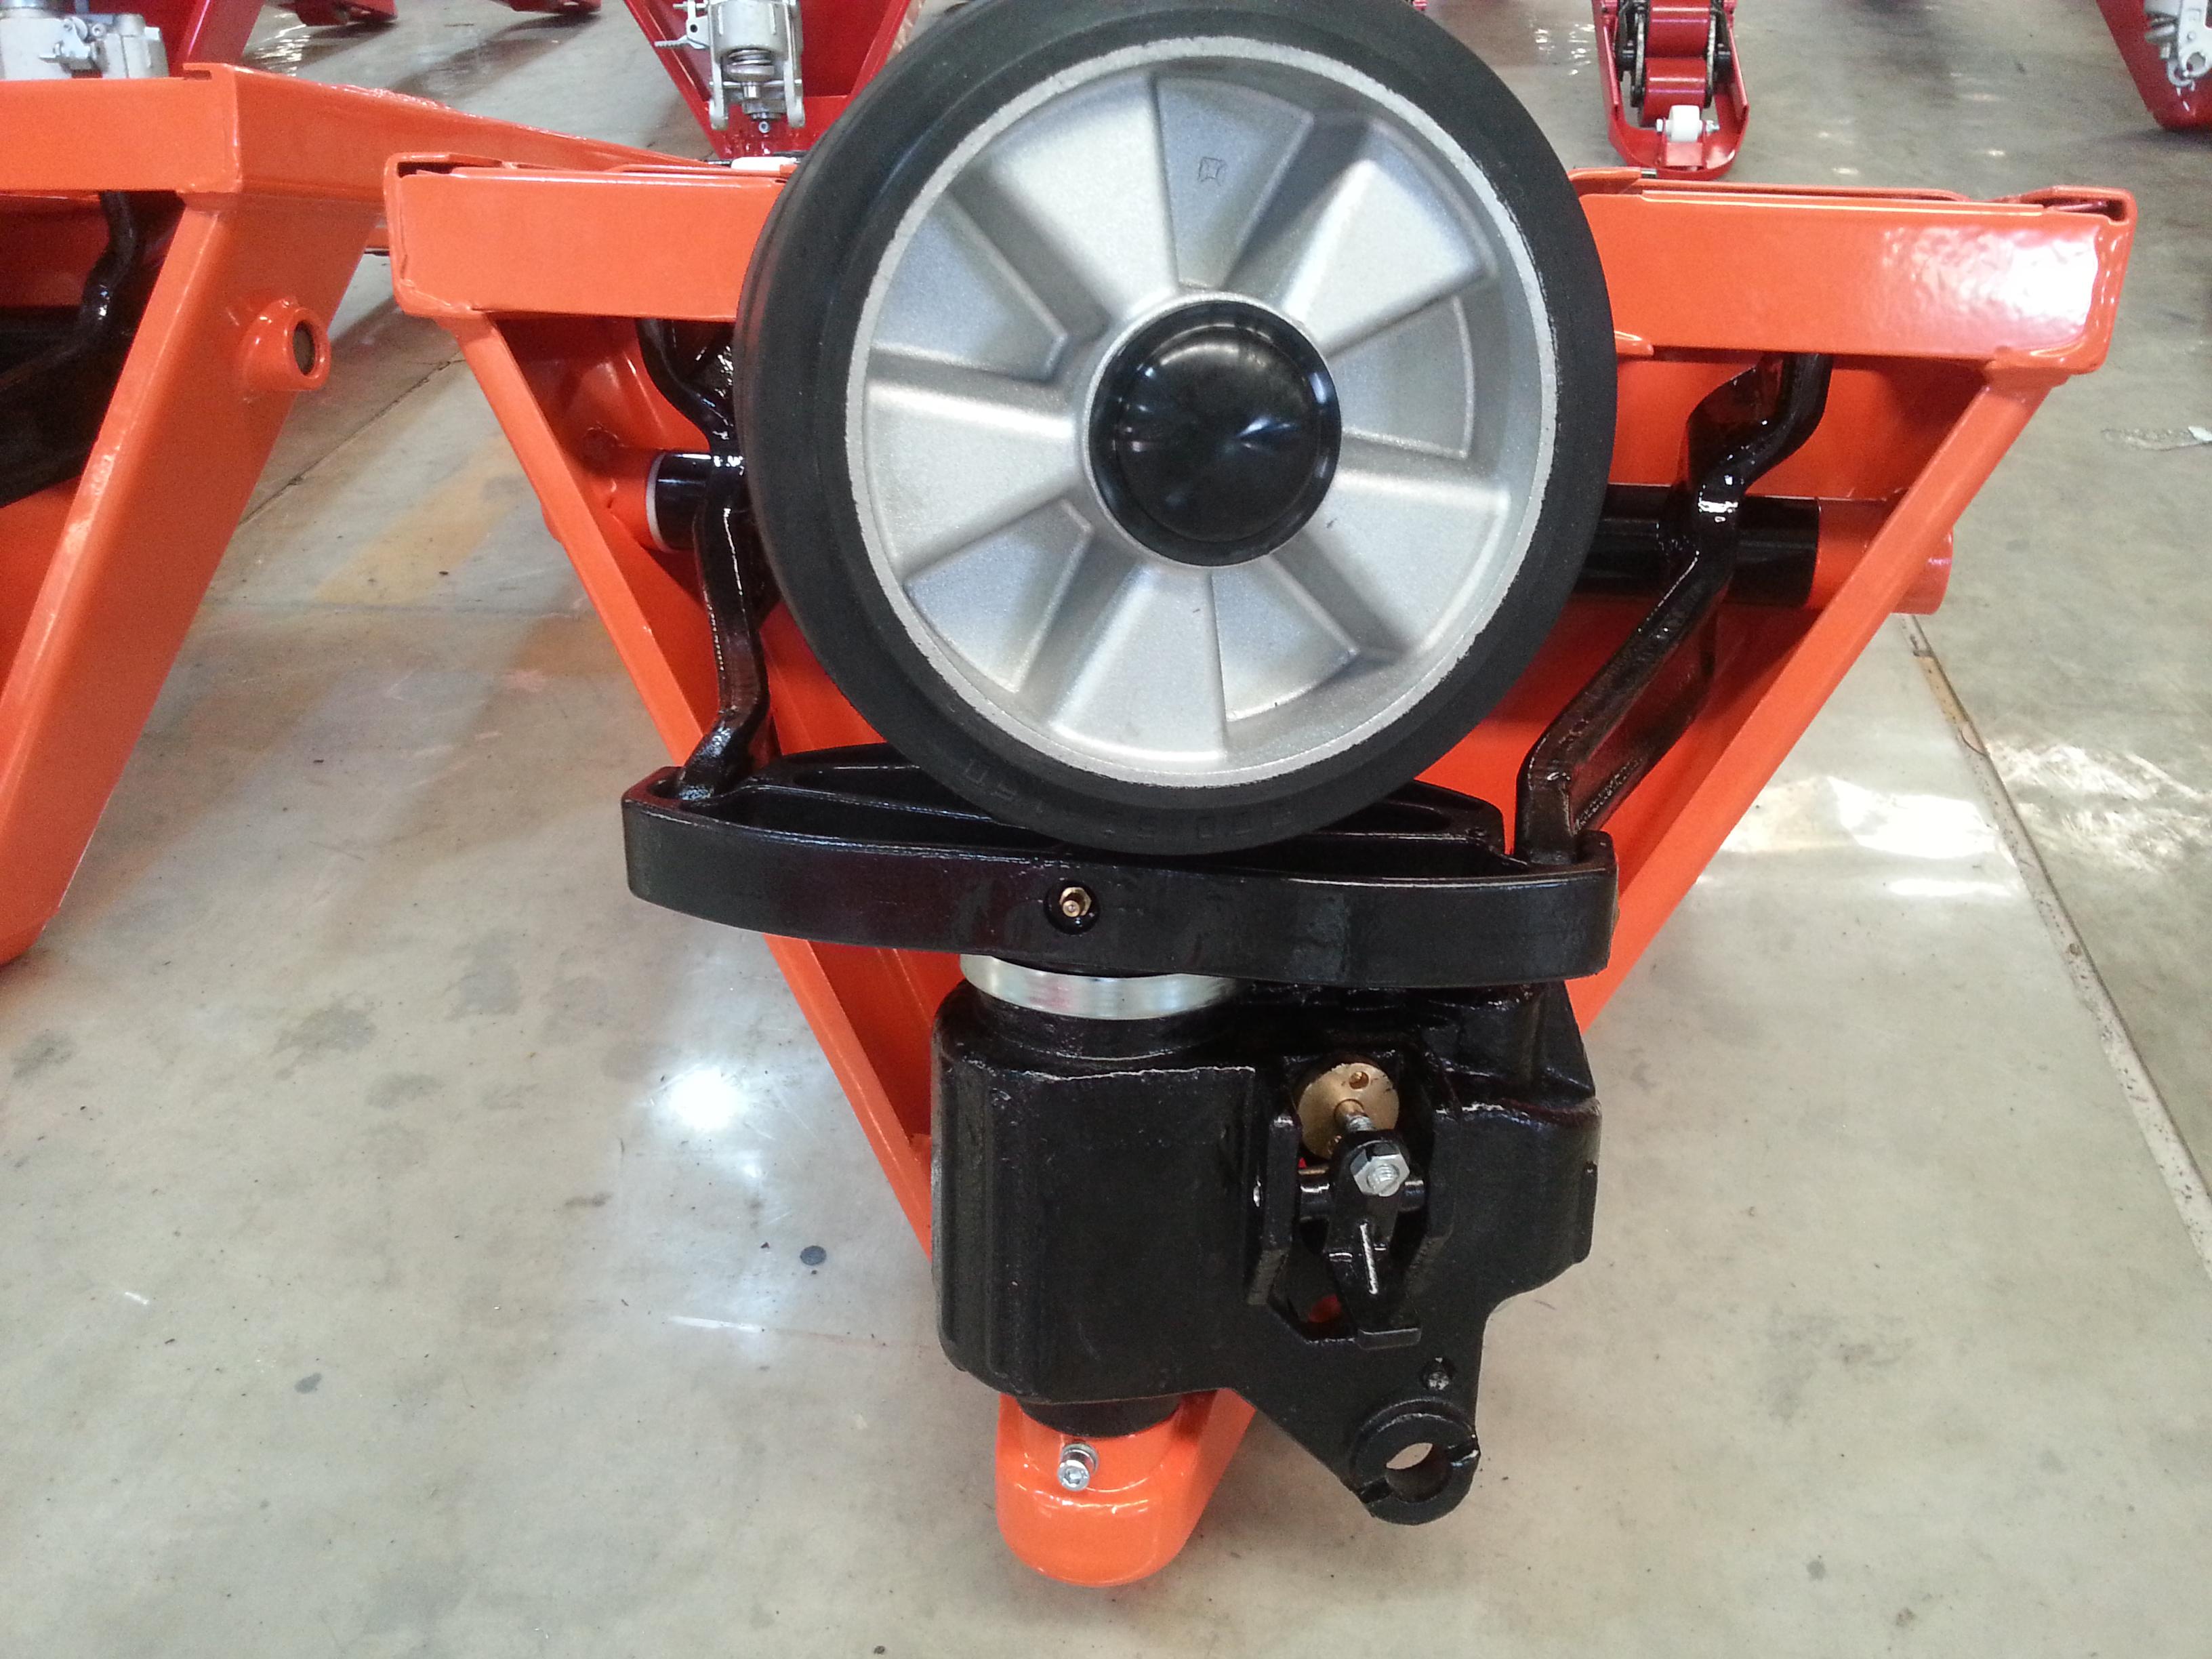 Xe nâng tay thấp D&D trọng tải 2,5 - 3 Tấn sẵn sàng đáp ứng nhu cầu của bạn